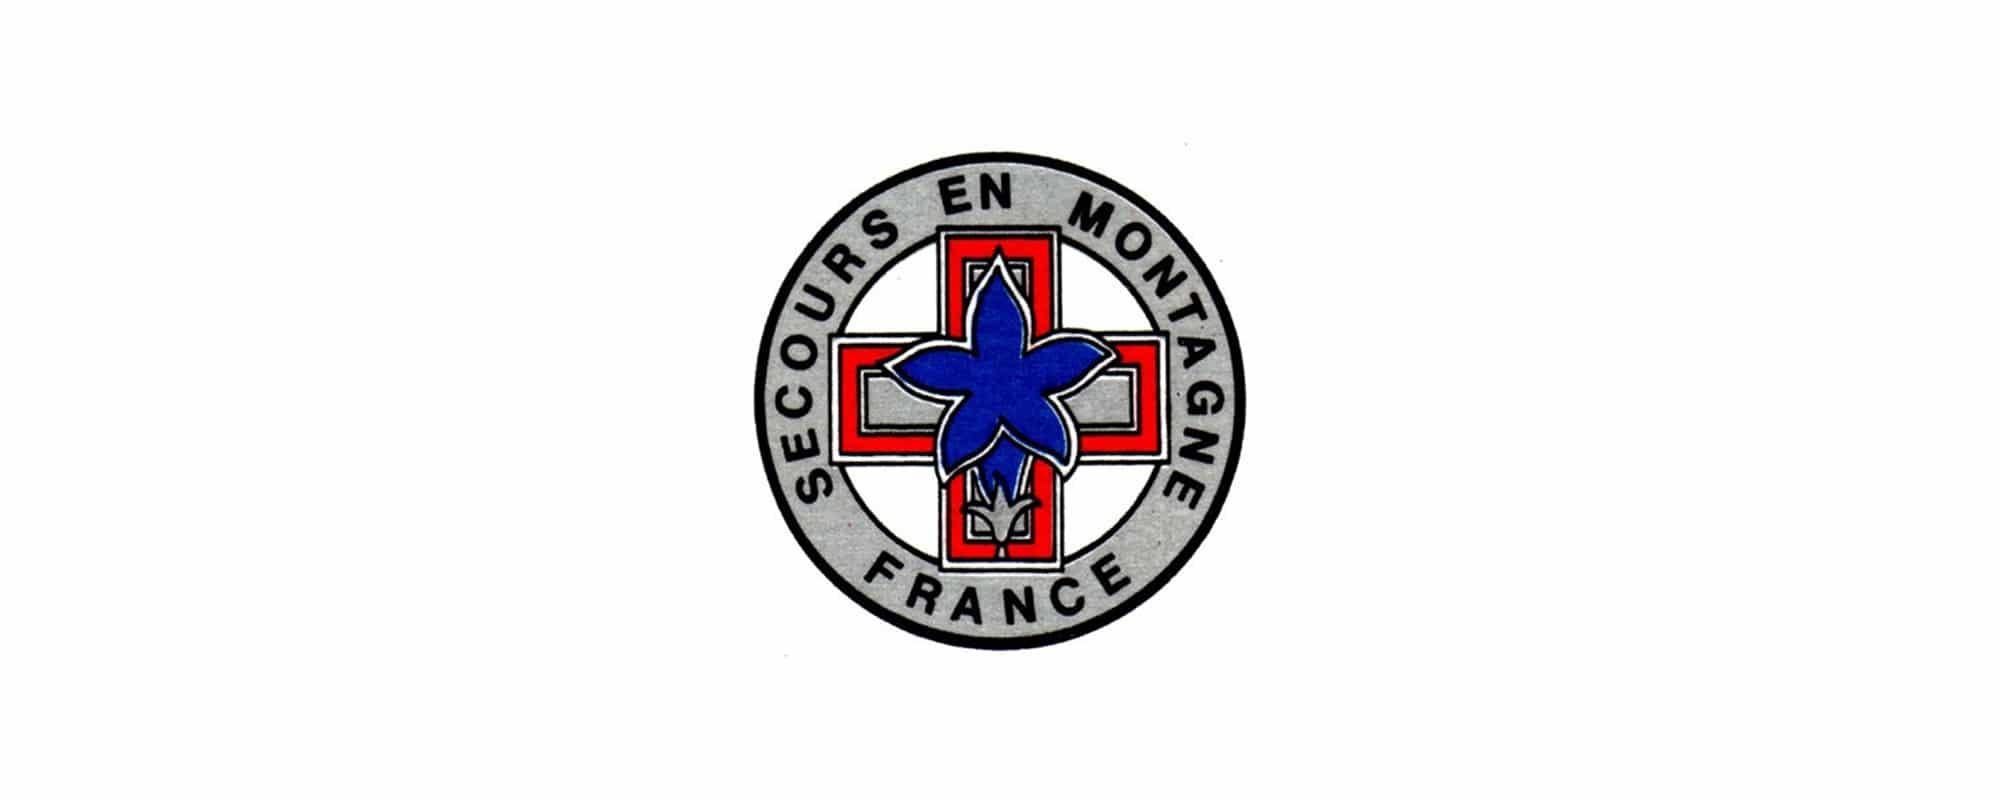 Récipiendaires de la médailles du secours en montagne 2020